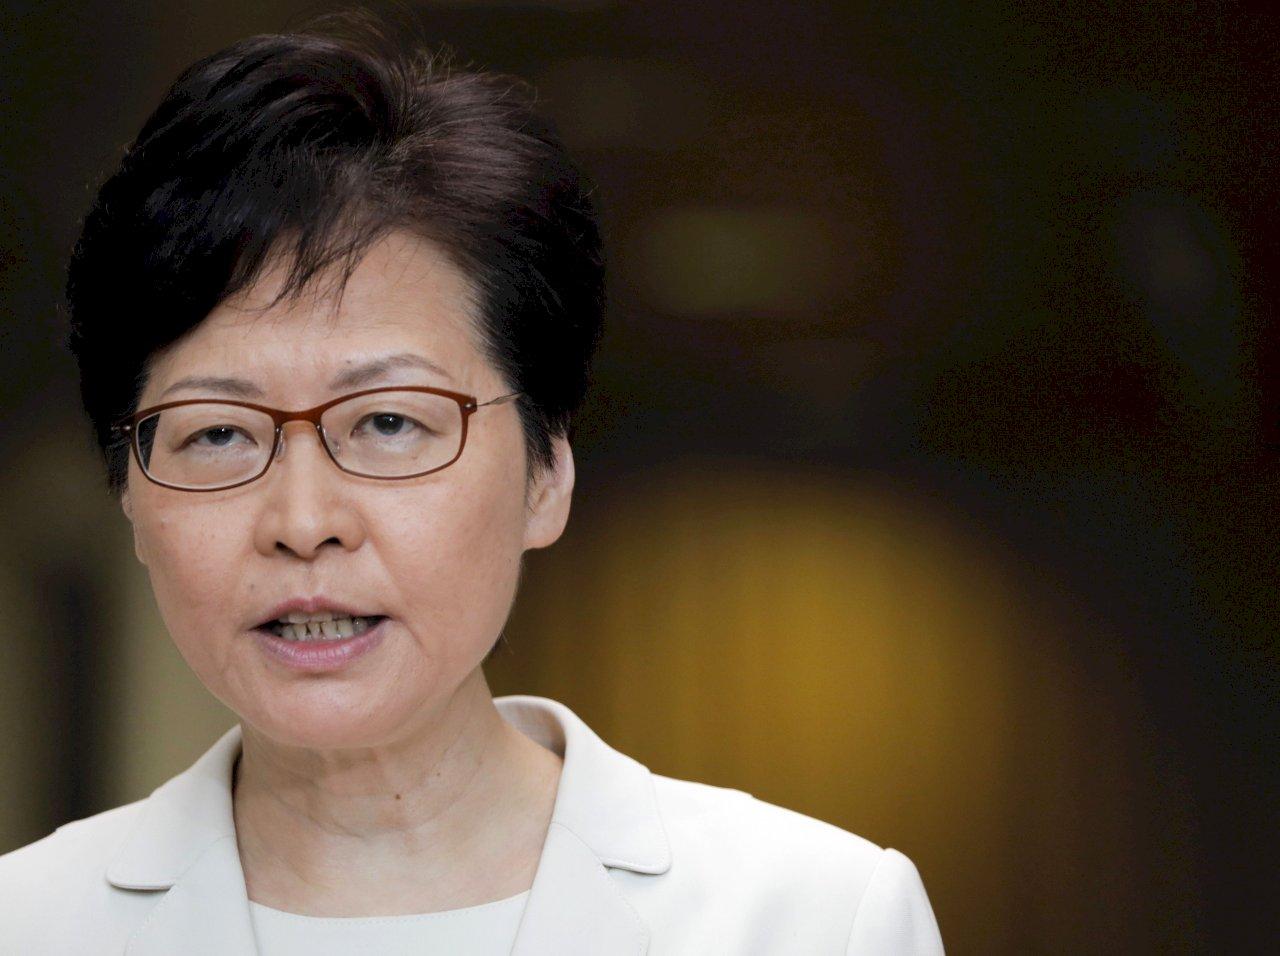 撤修例 林鄭月娥:獲北京尊重和支持